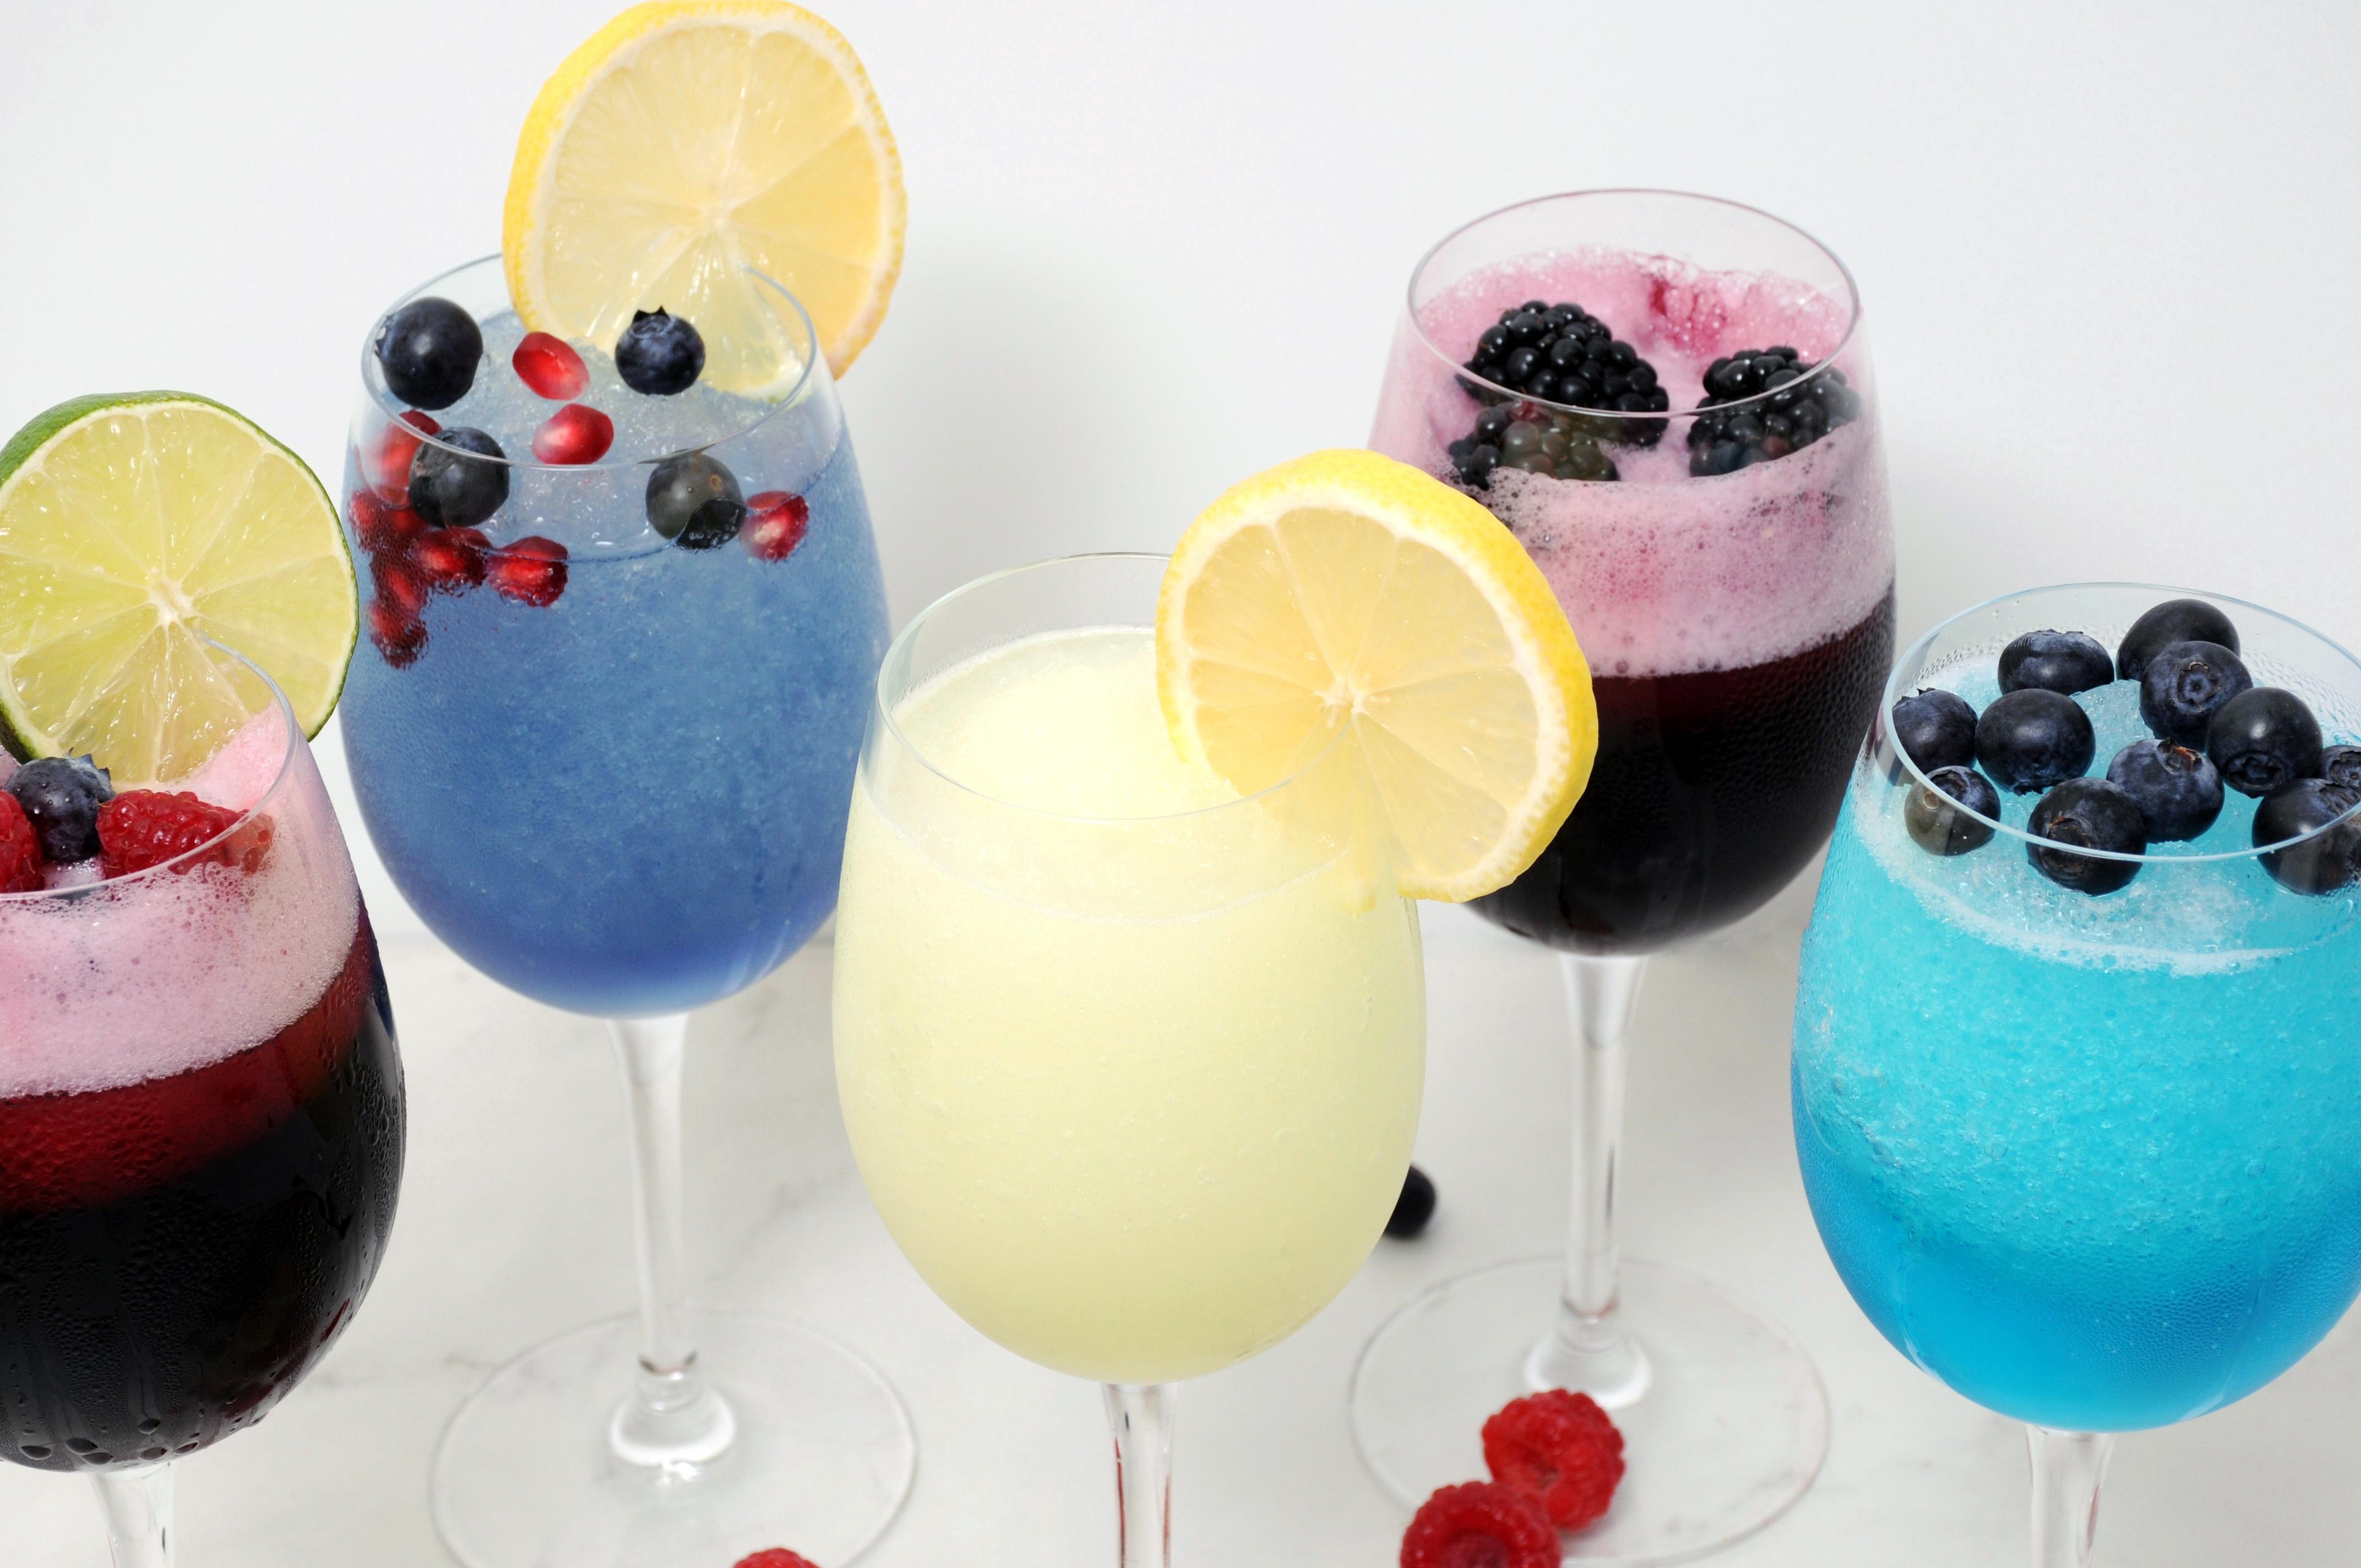 Berry, Blueberry-Pomegranate, Hard Lemonade, Blackberry-Sangria, Blueberry Wine Slushies